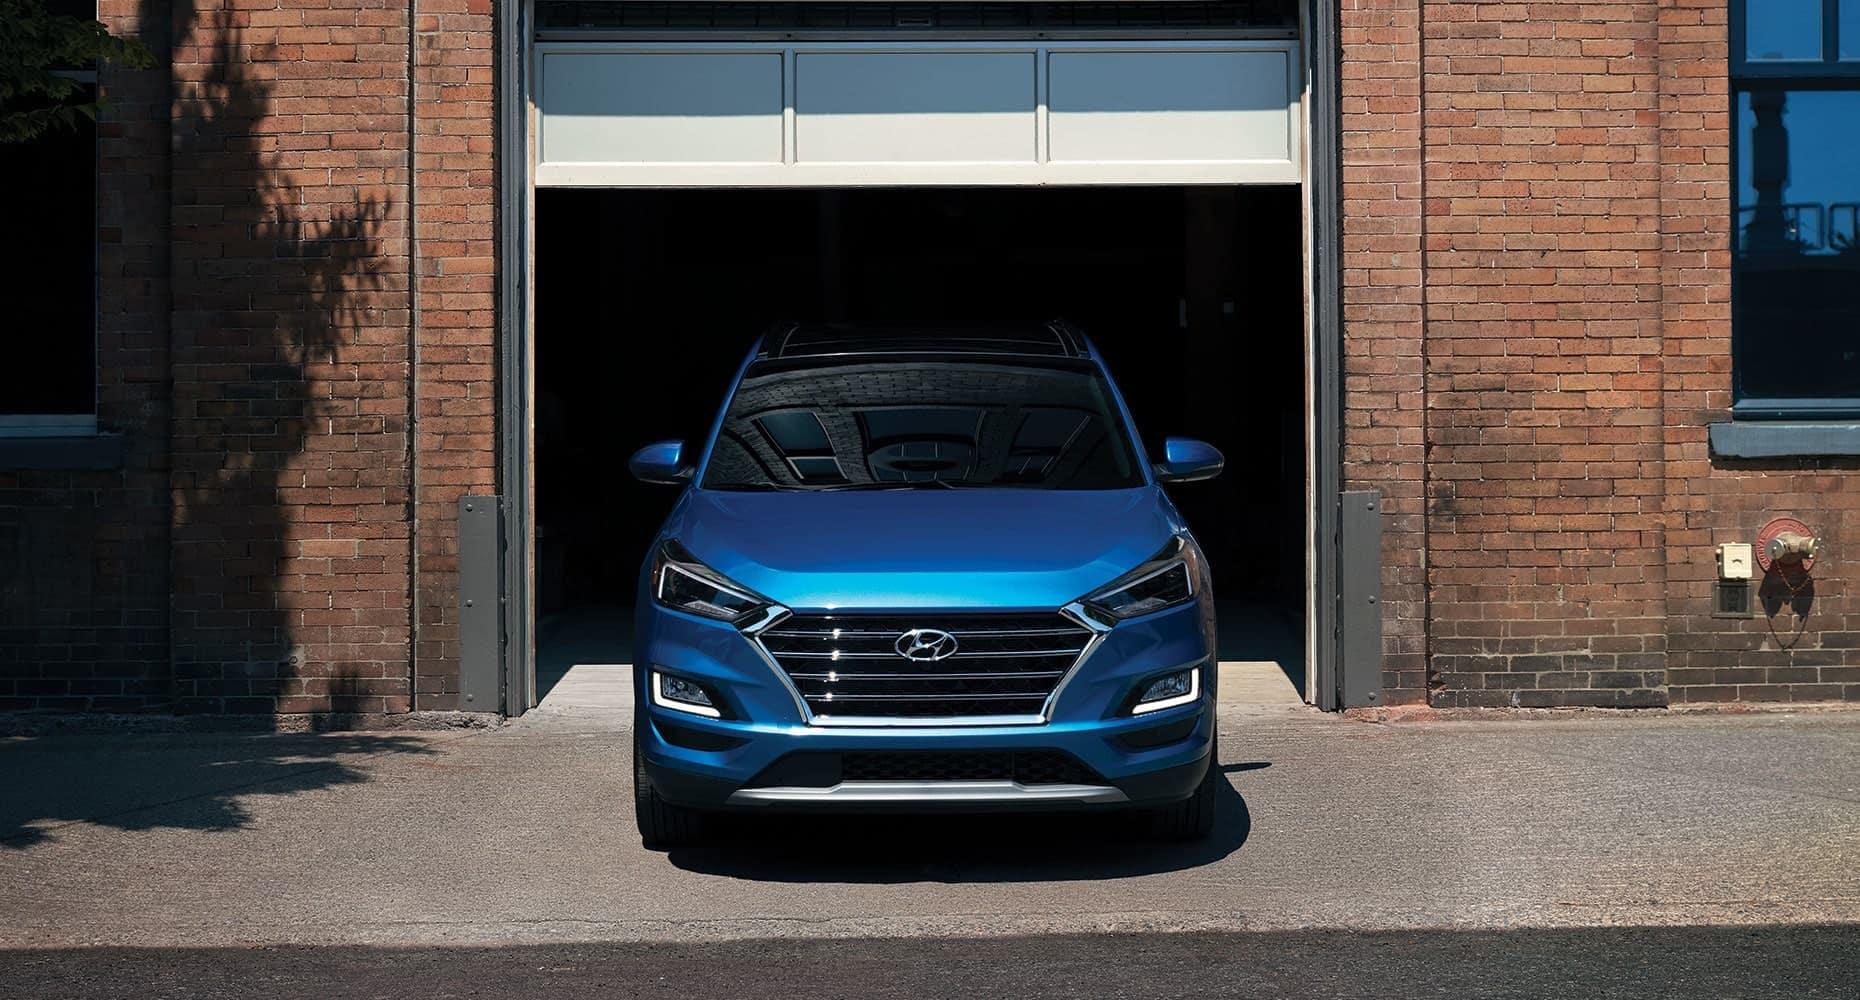 2019 Hyundai Tucson front exterior